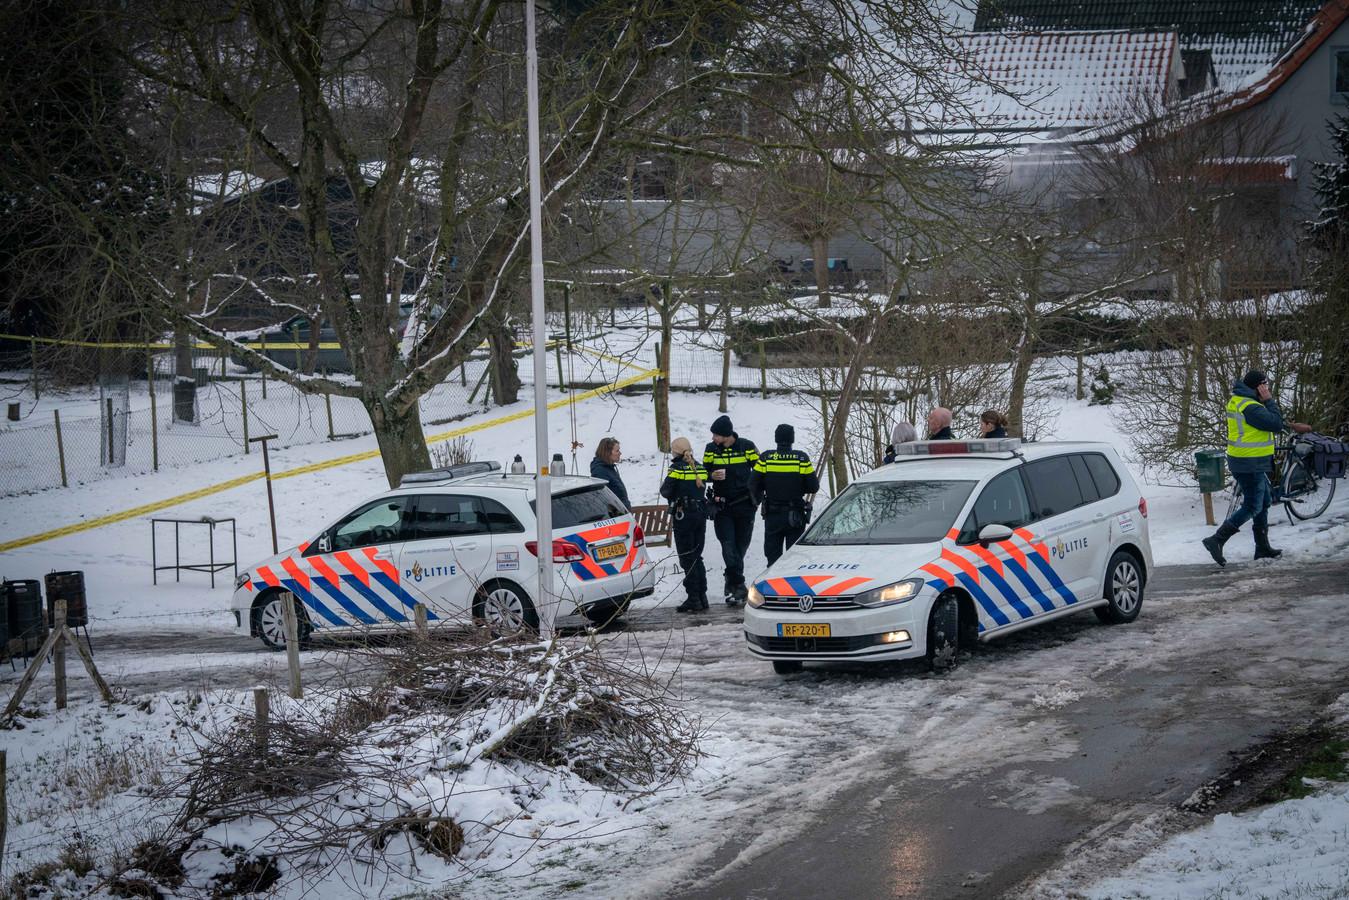 Politie aan de Rijndijk in Doornenburg, waar na een ontploffing in januari een amfetaminelab werd ontdekt.